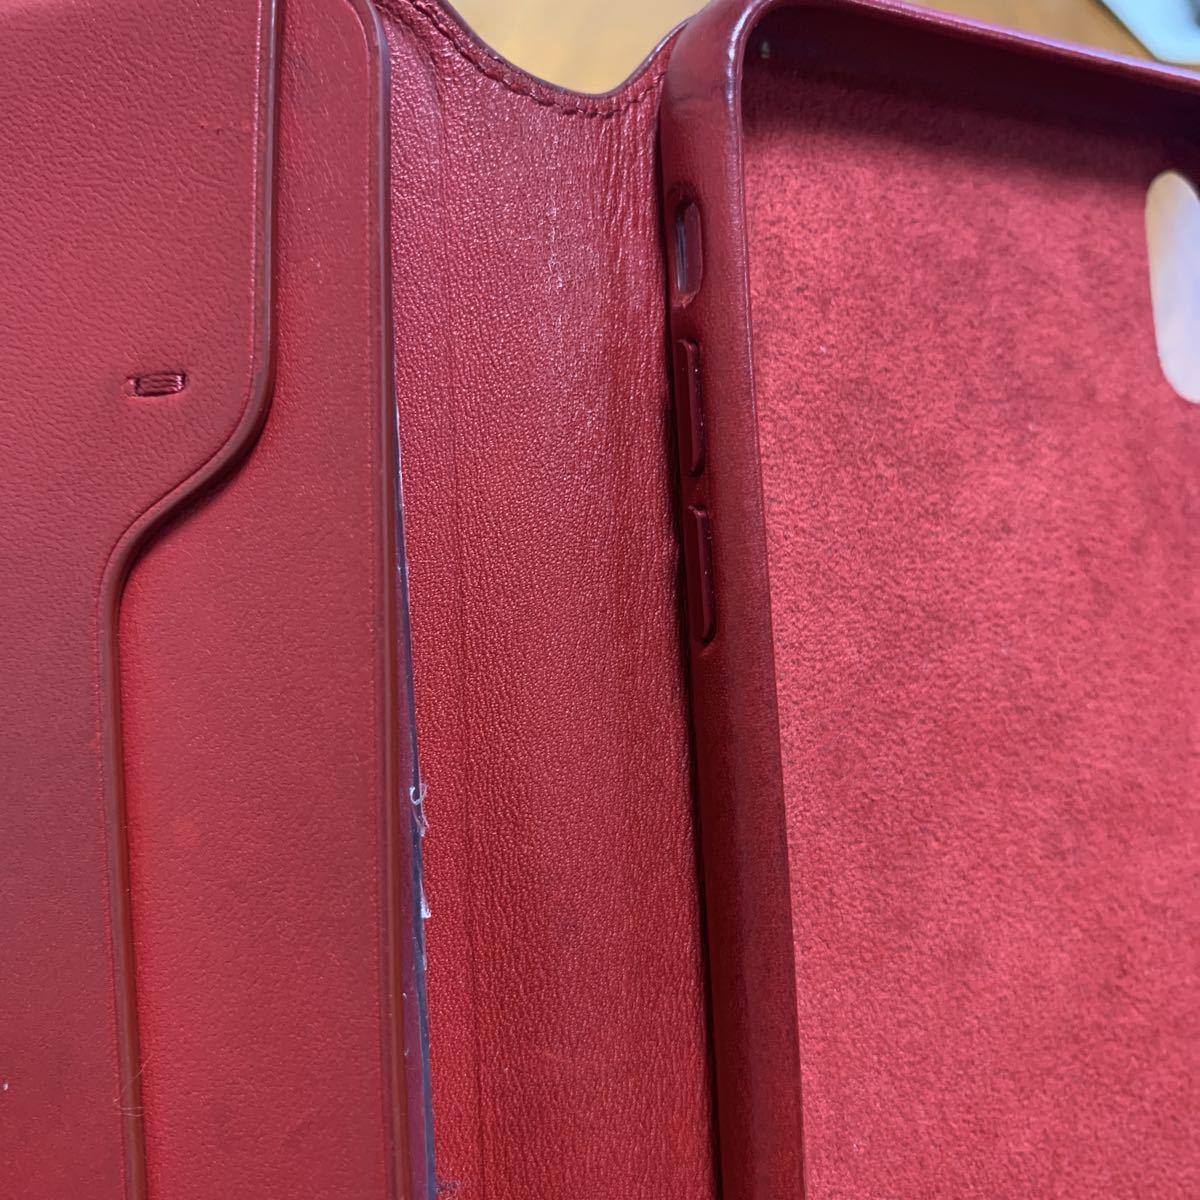 iPhone XS MAX Leather Folio レザーフォリオ スマホカバー スマホケース レッド 中古_画像8